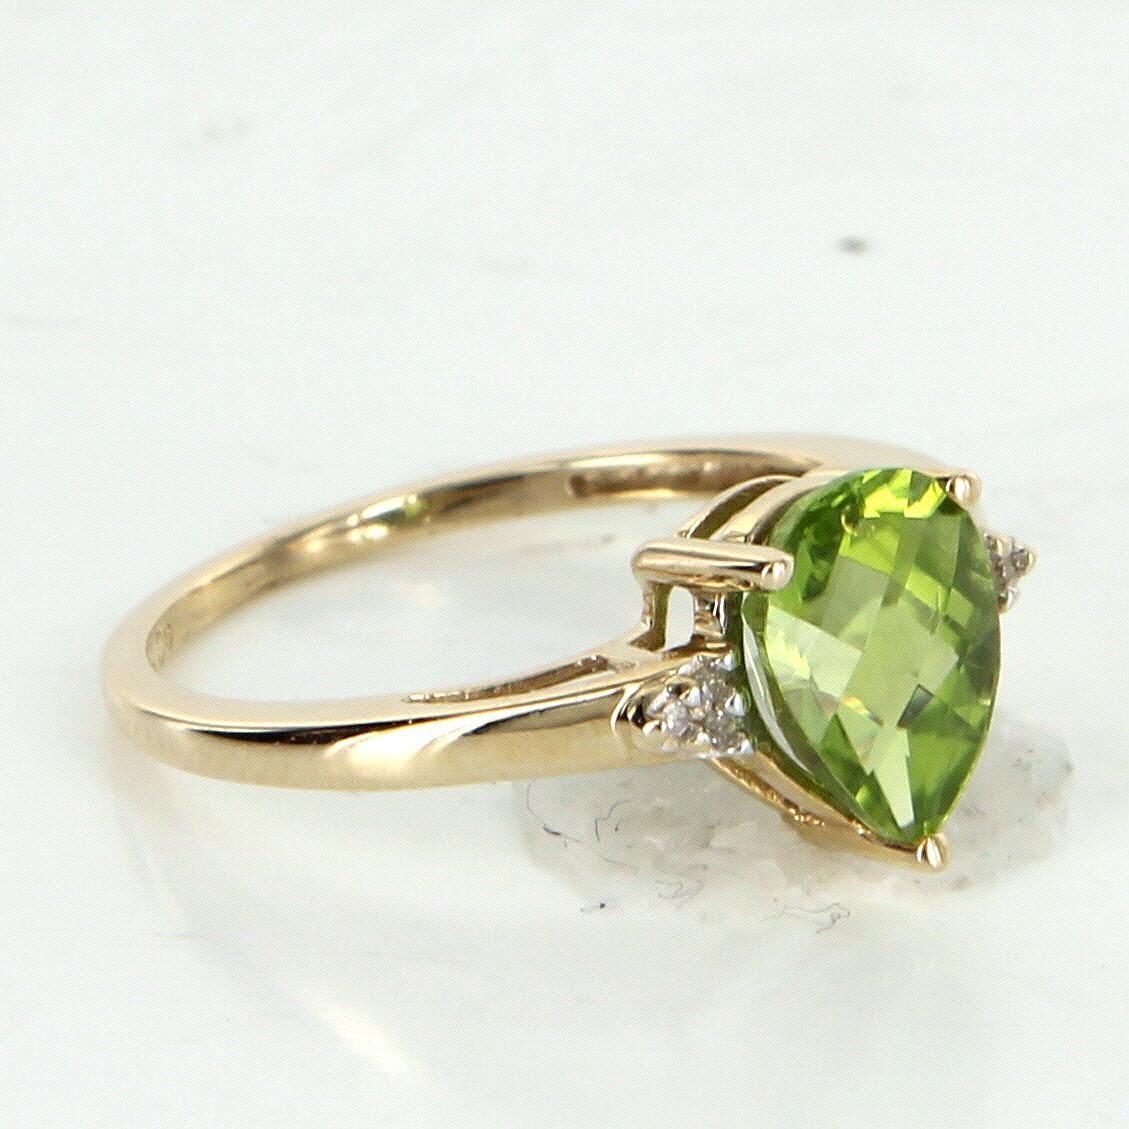 Peridot Diamond Stacking Ring Vintage 10 Karat Yellow Gold Estate Fine Jewelry 7 Vintage Rings Diamond Stacking Rings Jewelry